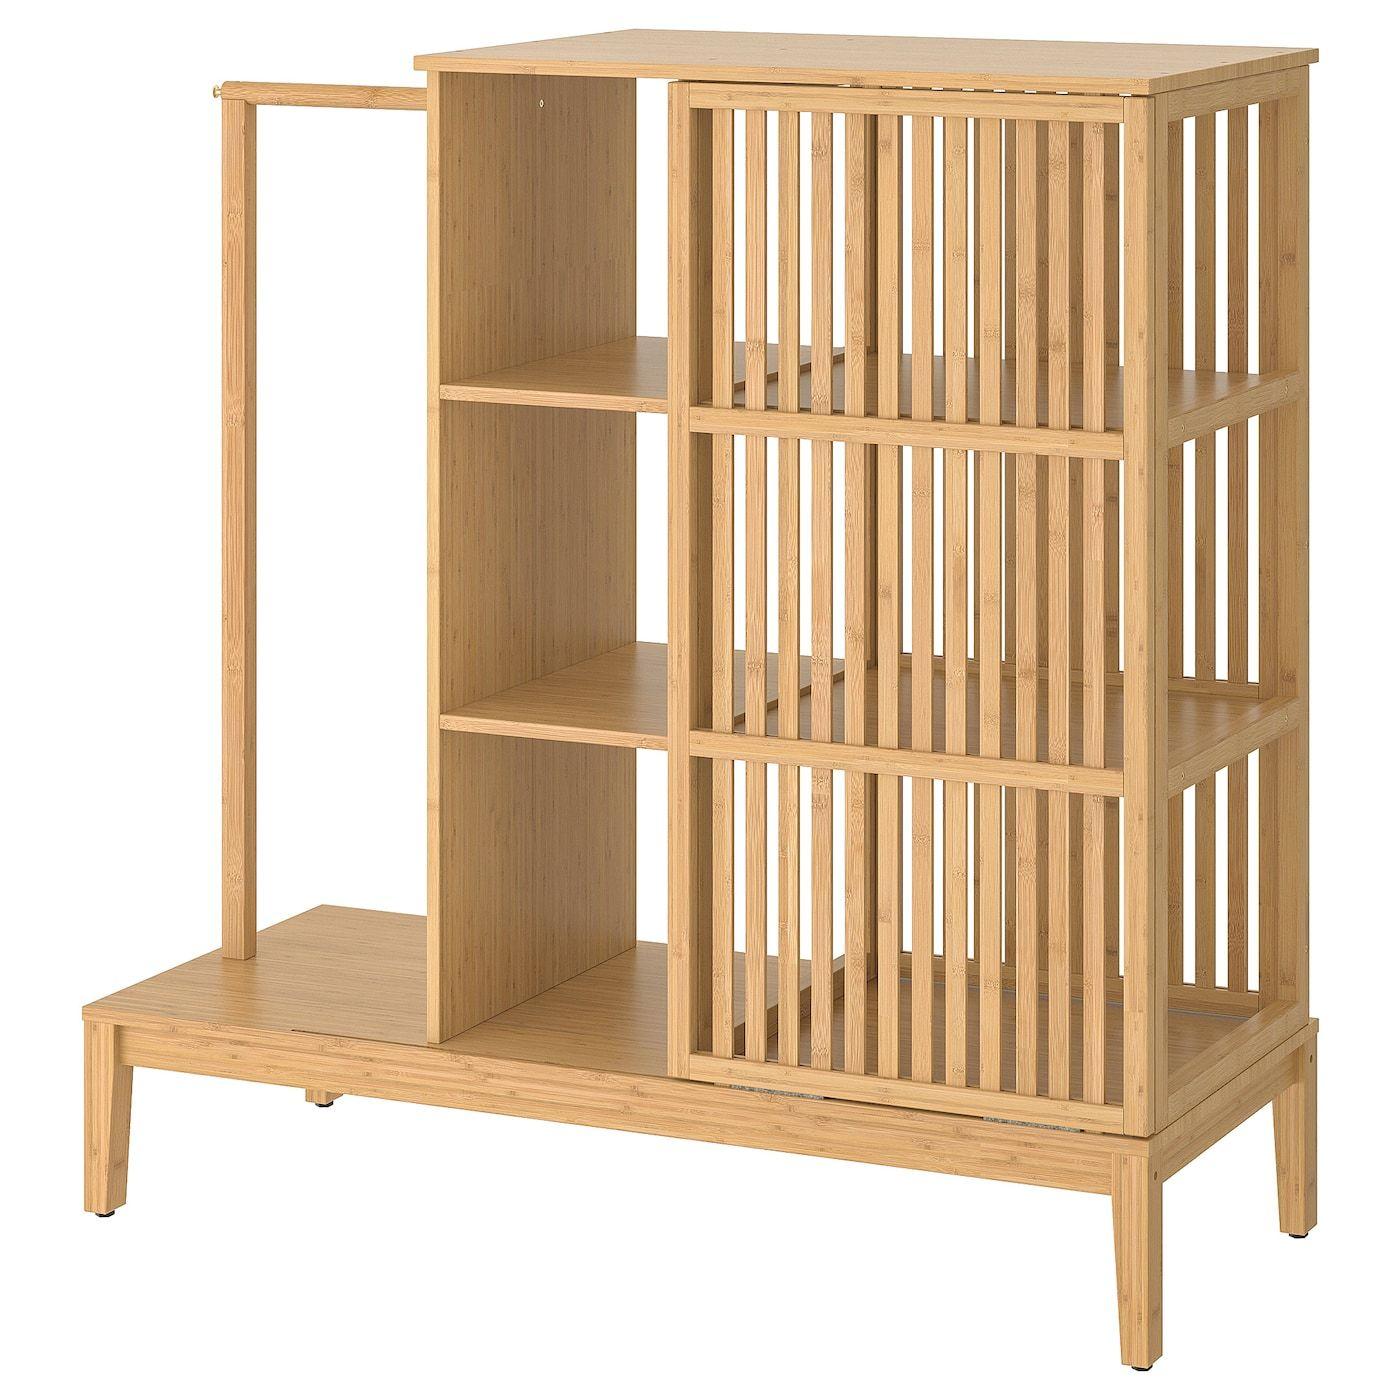 Nordkisa Kleiderschrank Offen Schiebetur Bambus Ikea Deutschland Schiebeturen Schrank Offene Garderobe Kleiderschrank Schiebeturen